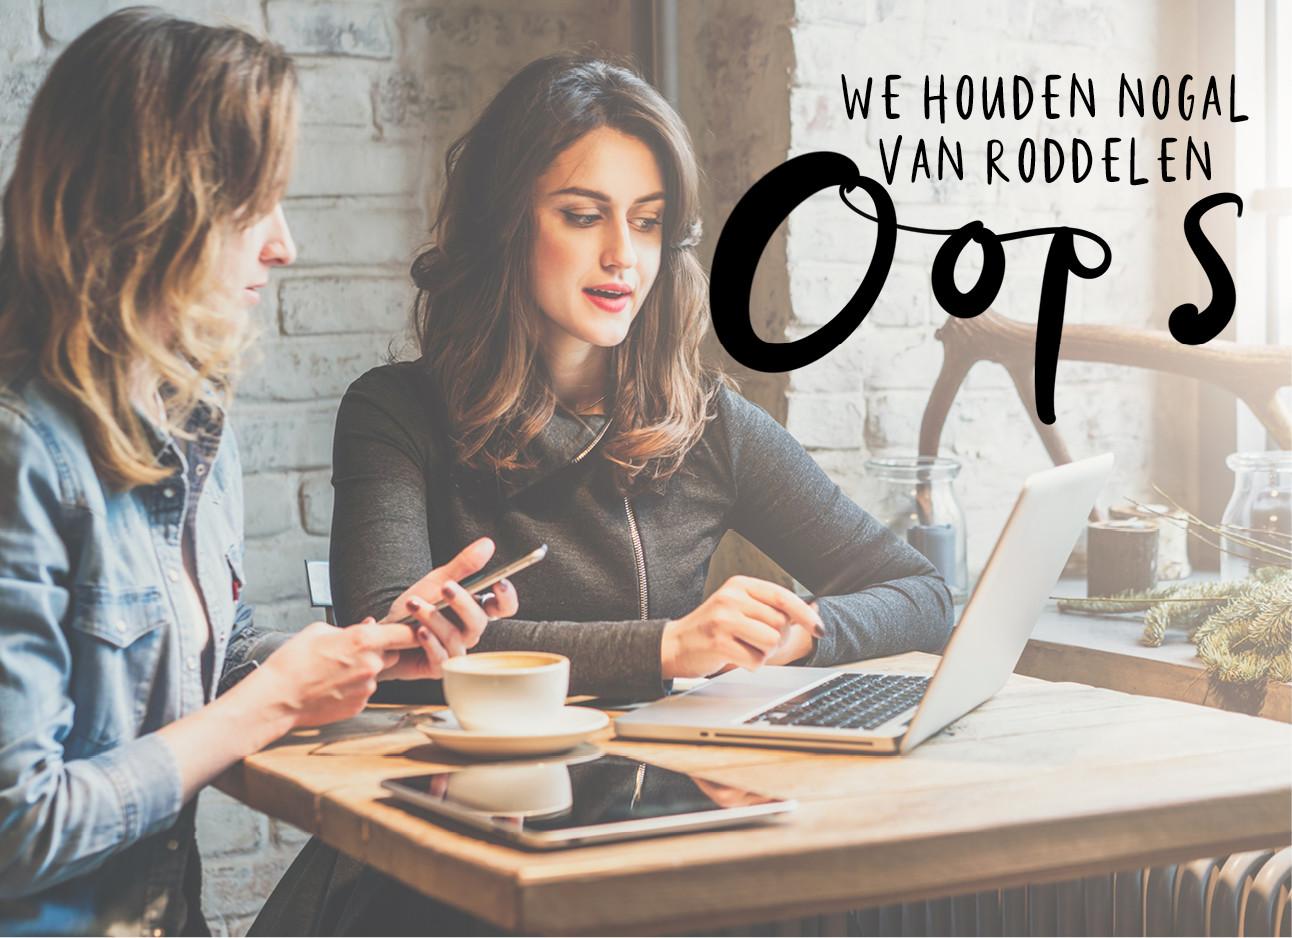 2 meiden die aan het werk zijn in een bruin gekleurd cafe